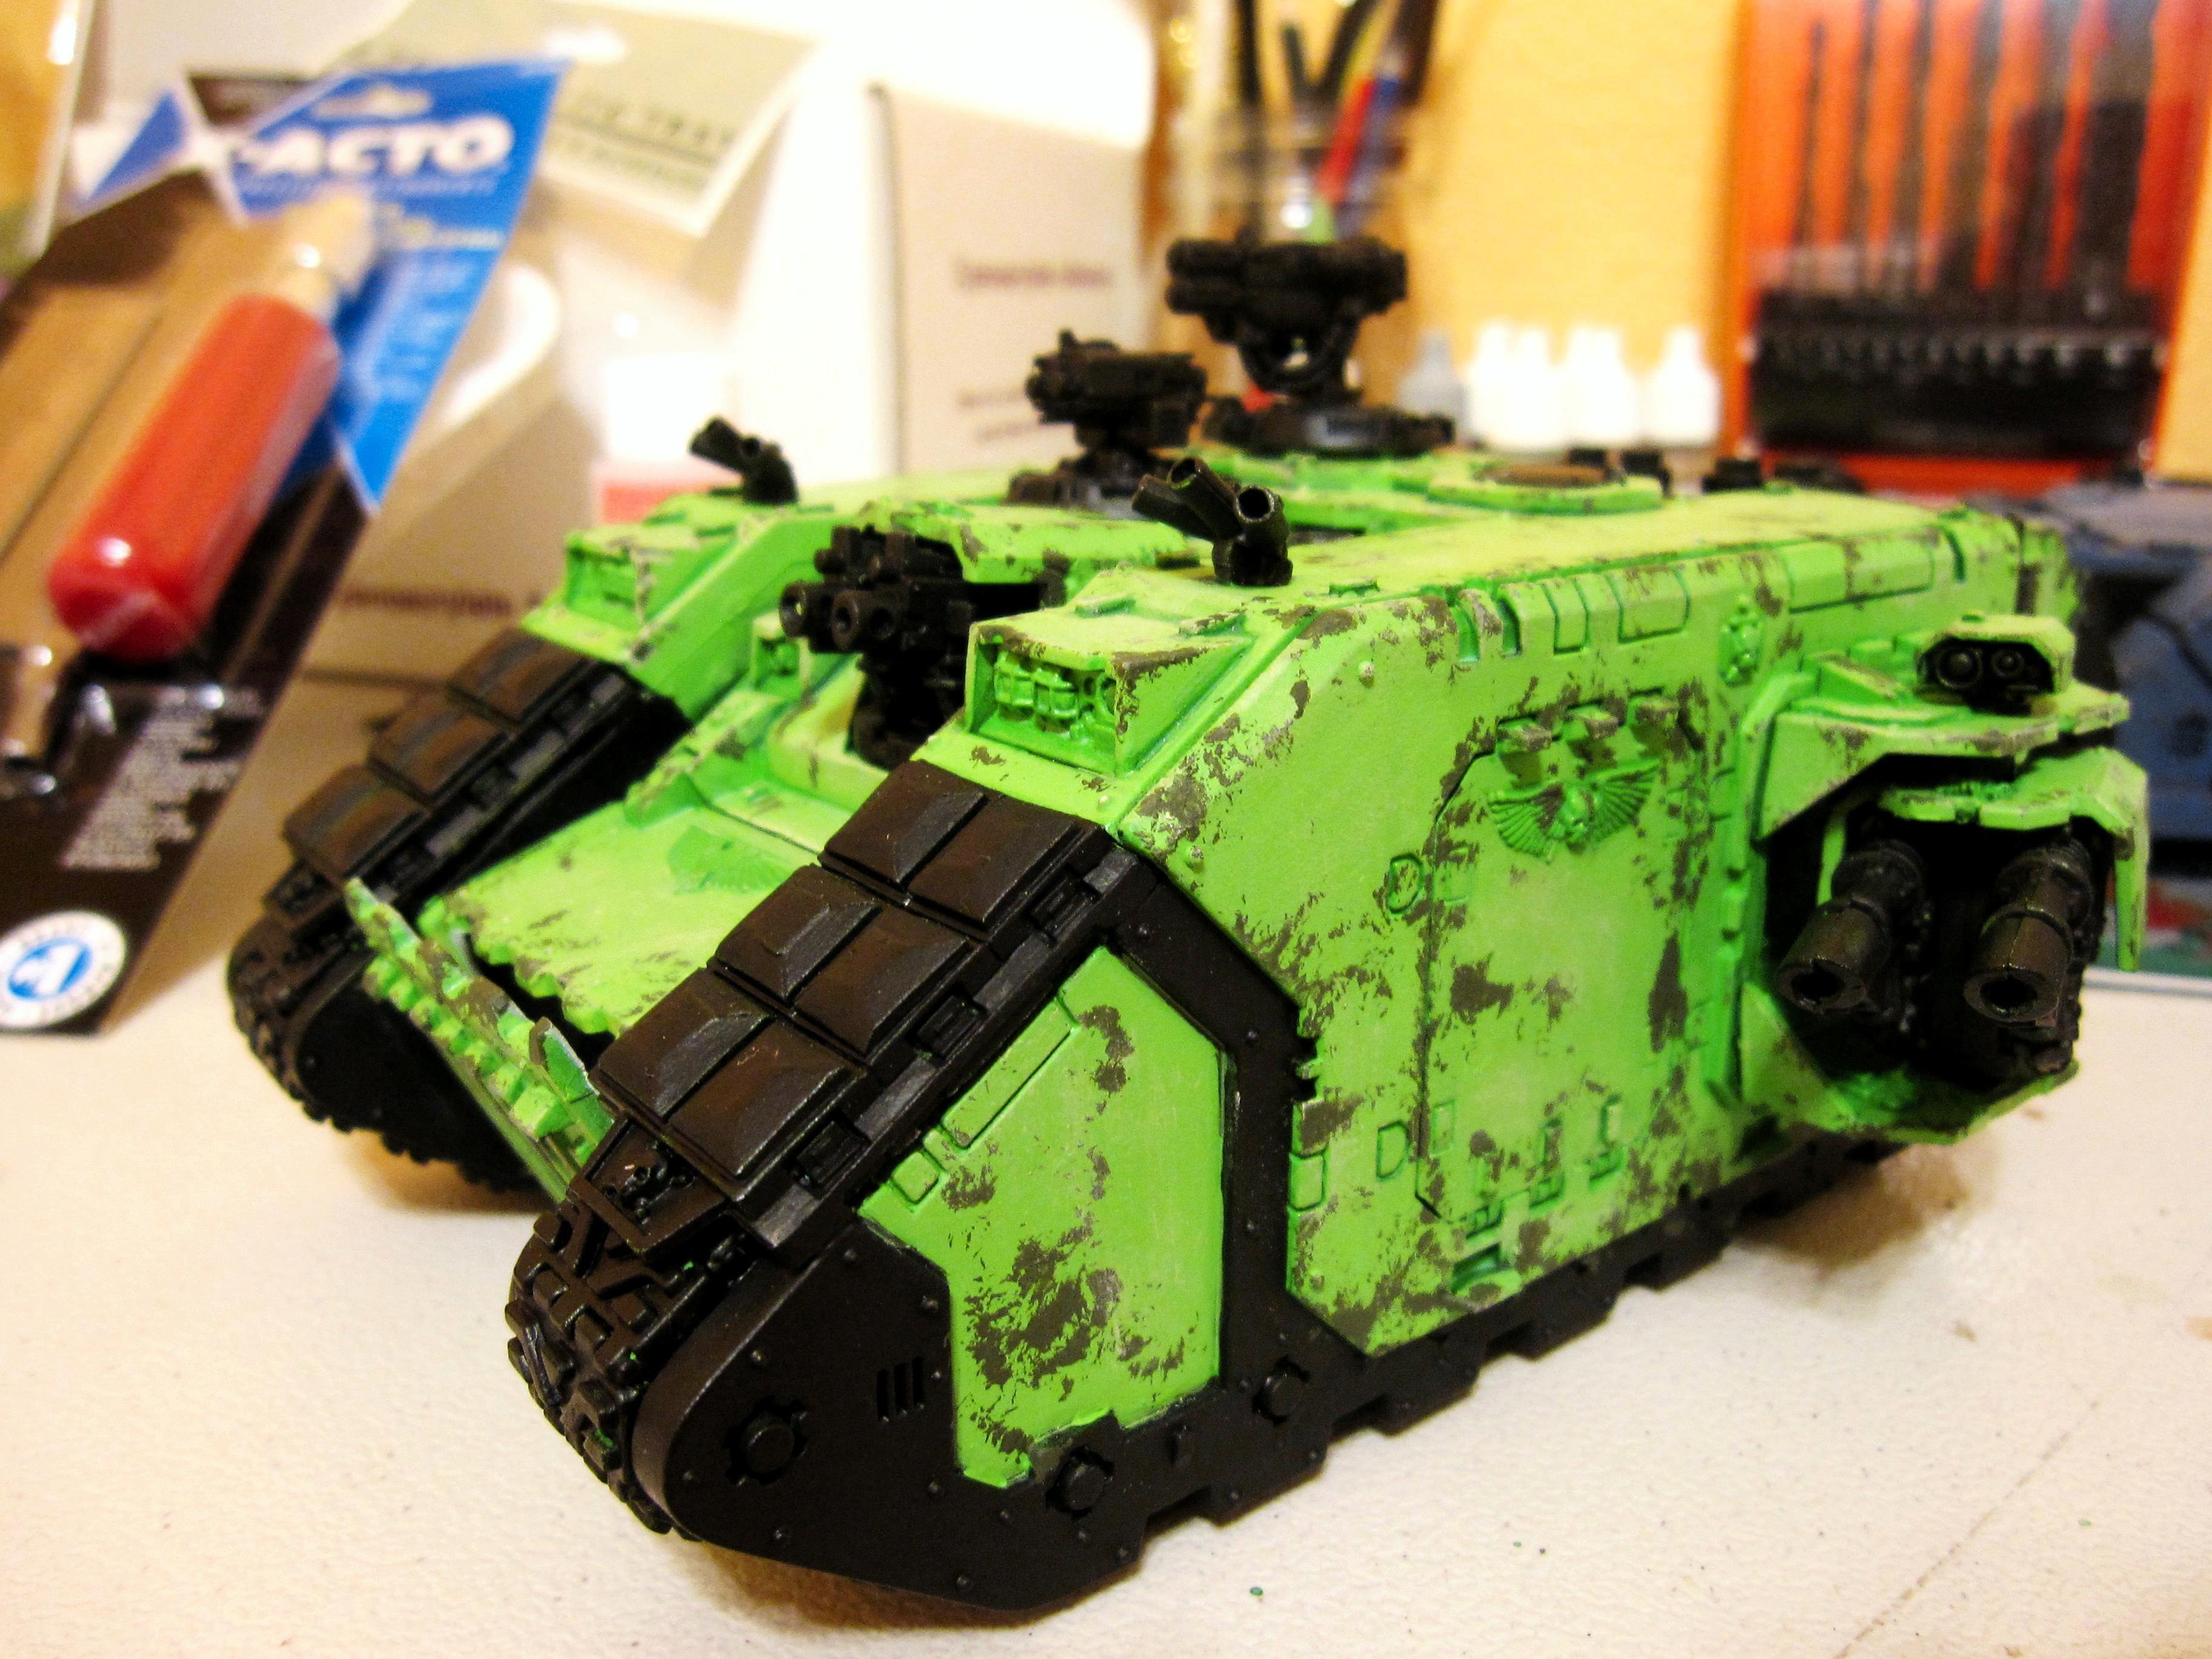 Badab War, Land Raider, Space Marines, Warhammer 40,000, Work In Progress